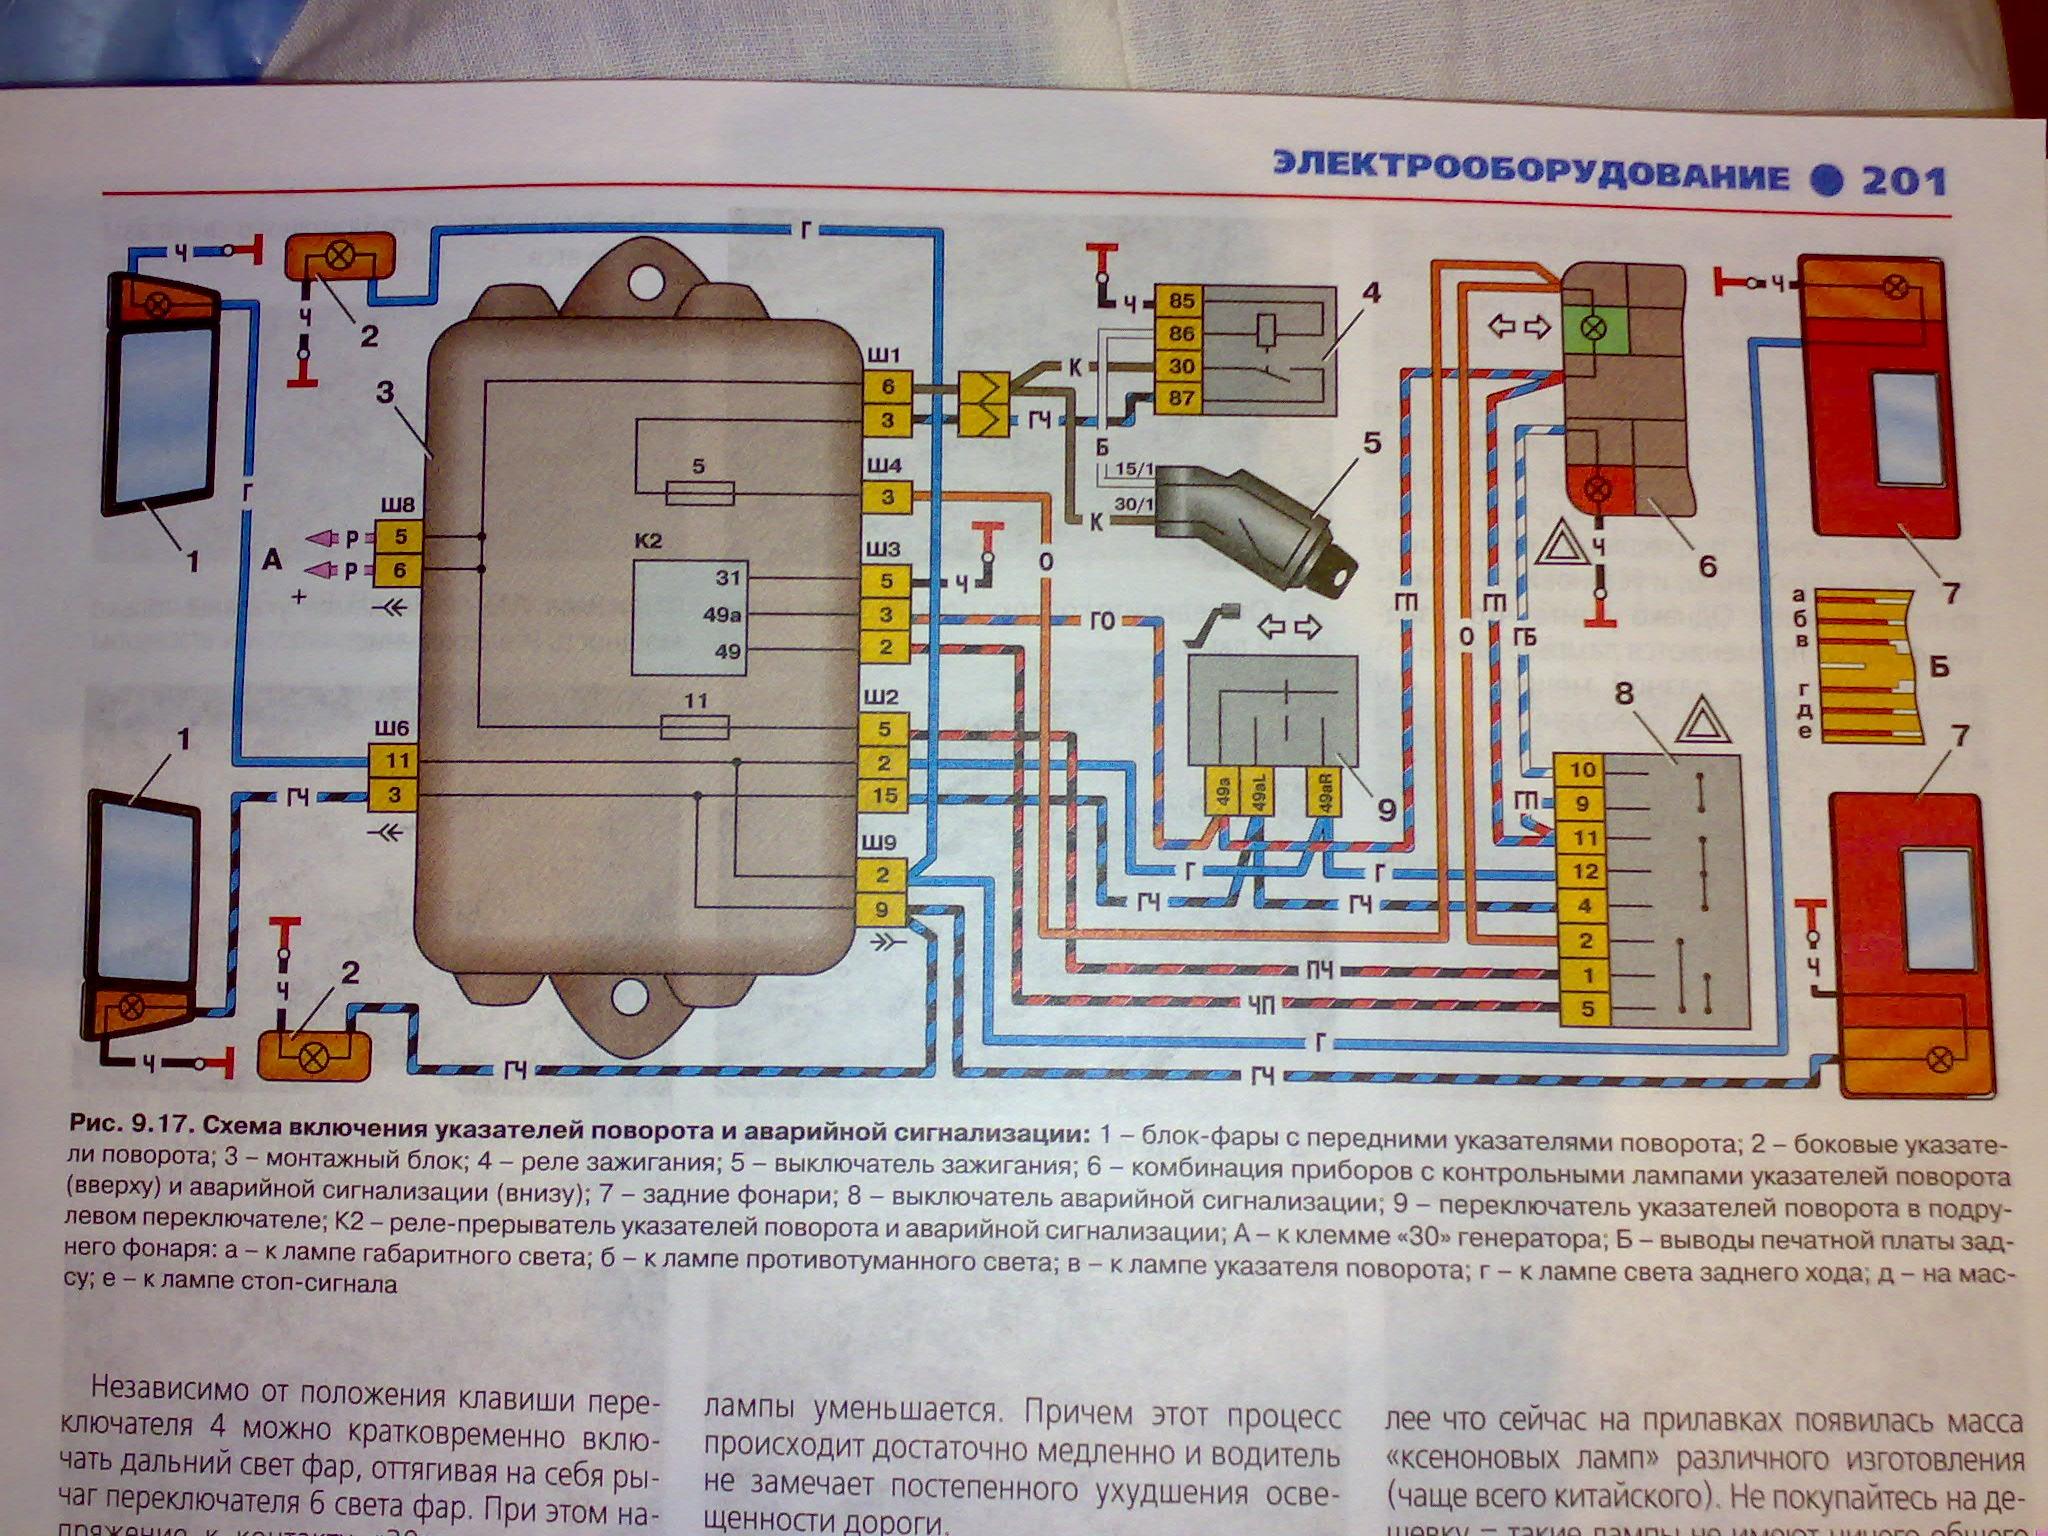 Электросхема поворотники и аварийка ваз 2121